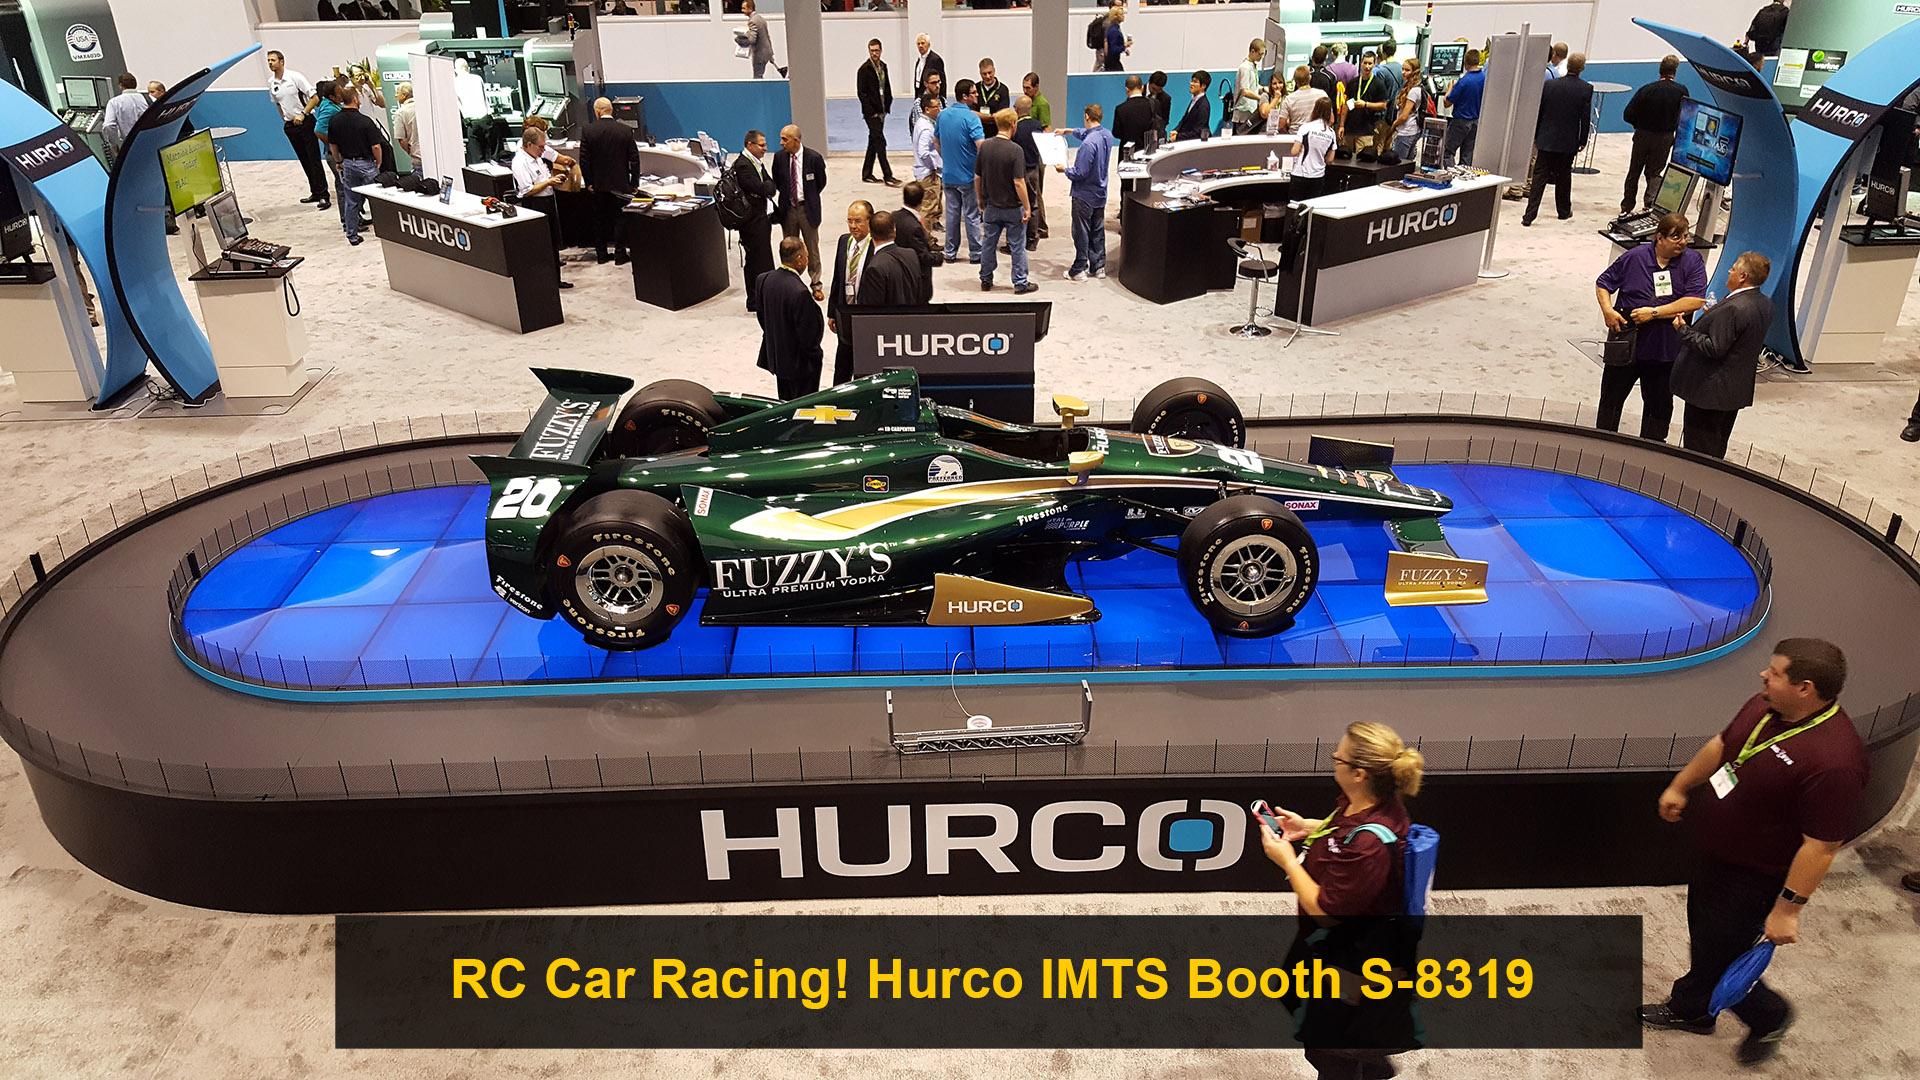 Hurco-rc-car-racing.jpg